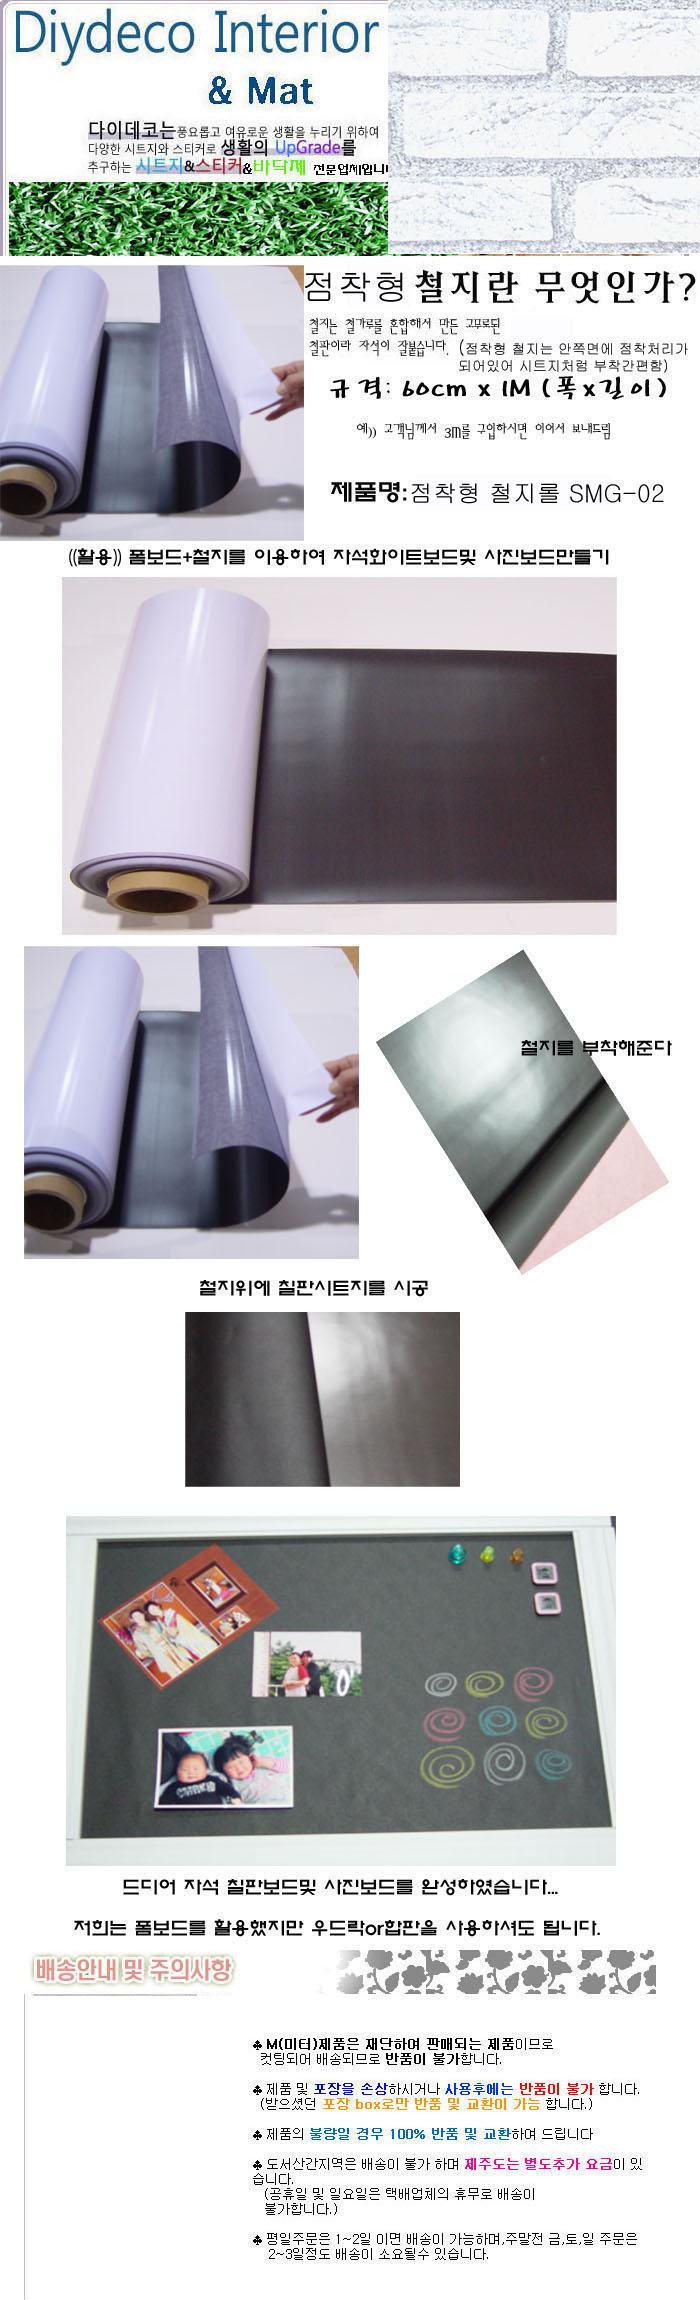 점착형철지롤SMG-02(1M) - 디아이와이데코, 15,000원, 벽시/시트지, 패턴/무늬목 시트